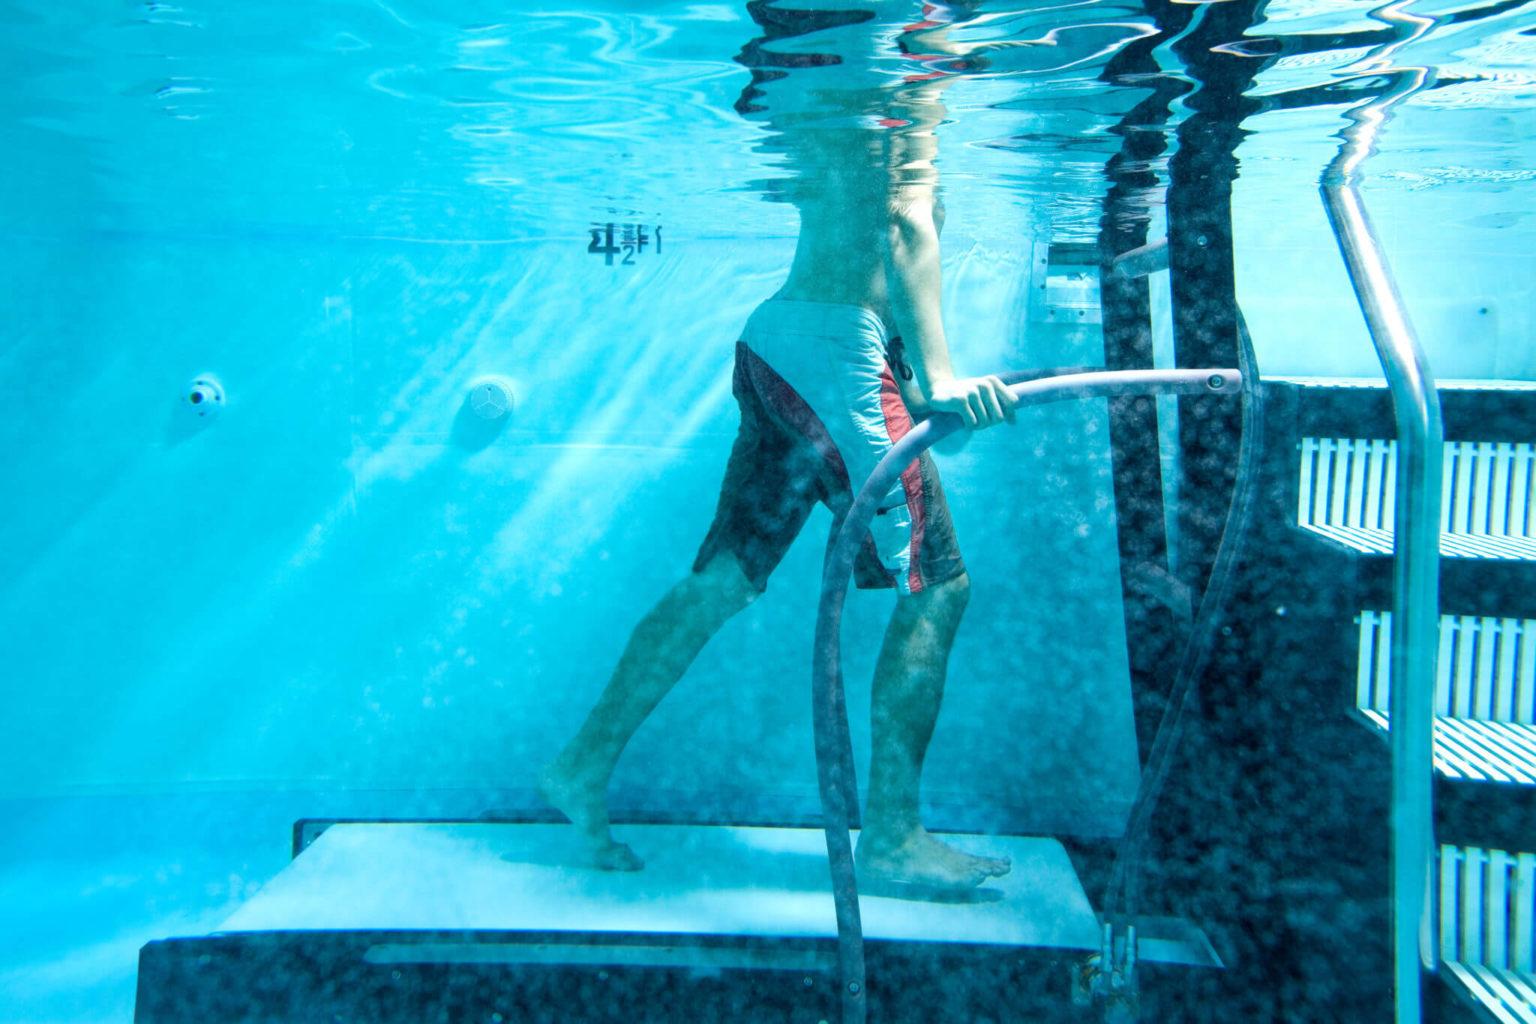 L'idroterapia, l'acqua come strumento di riabilitazione